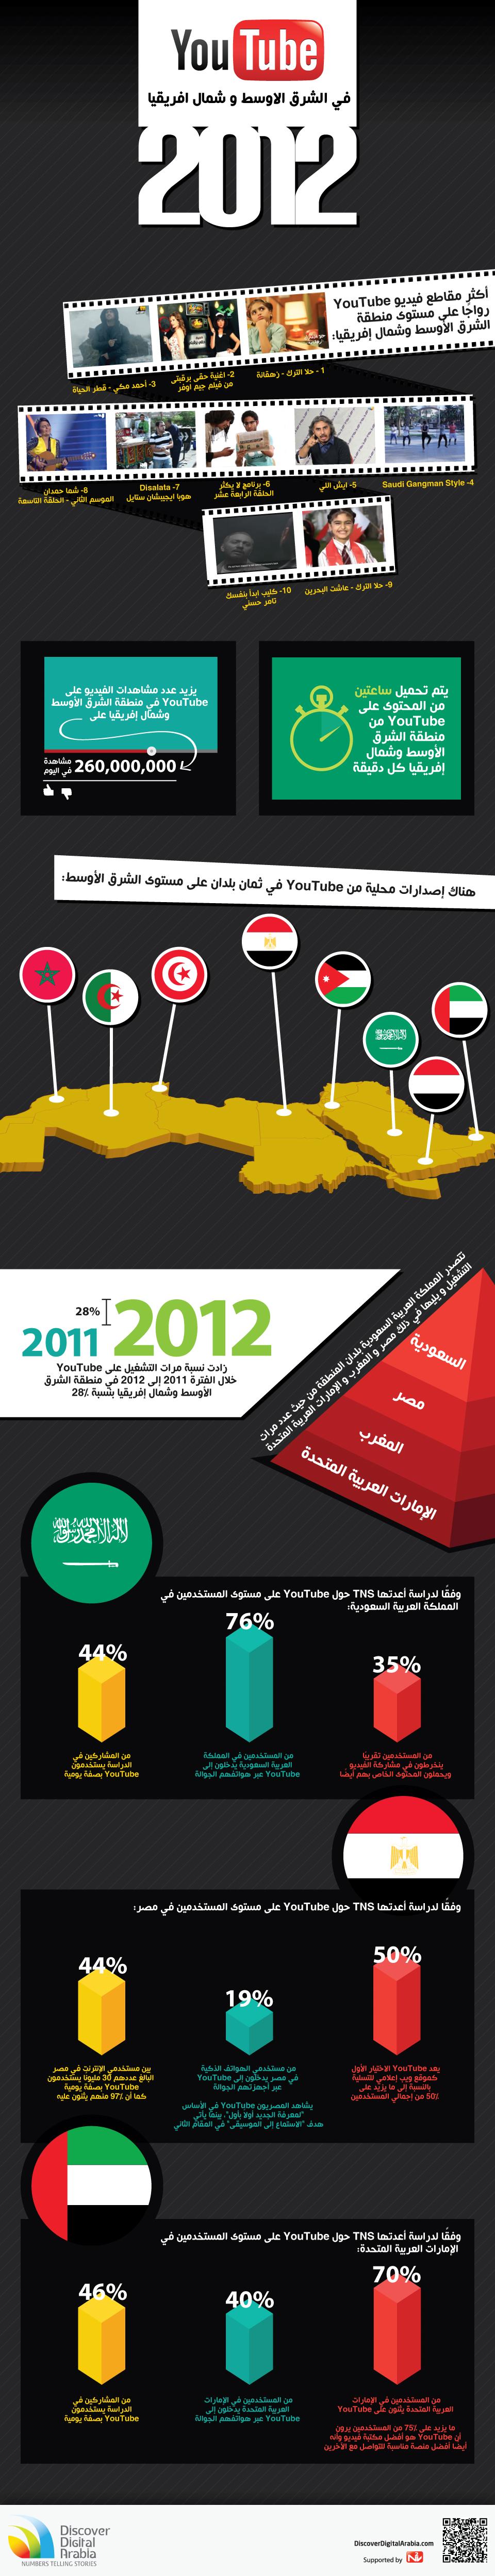 يوتيوب في الشرق الأوسط وشمال إفريقيا 2012